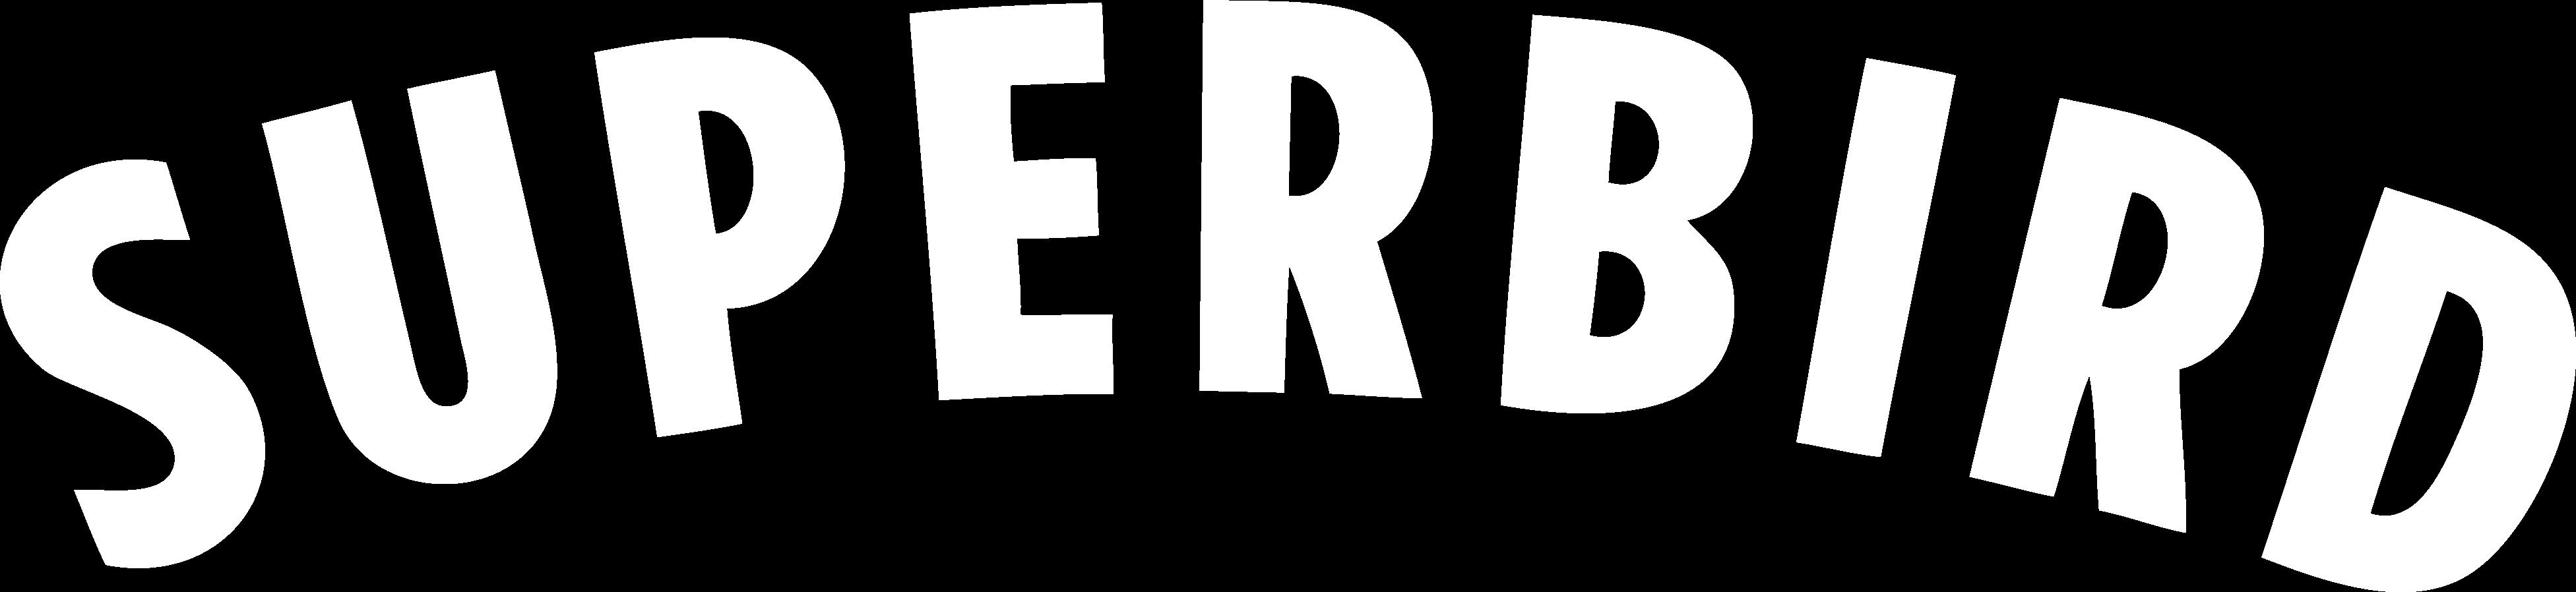 Superbird logo in white